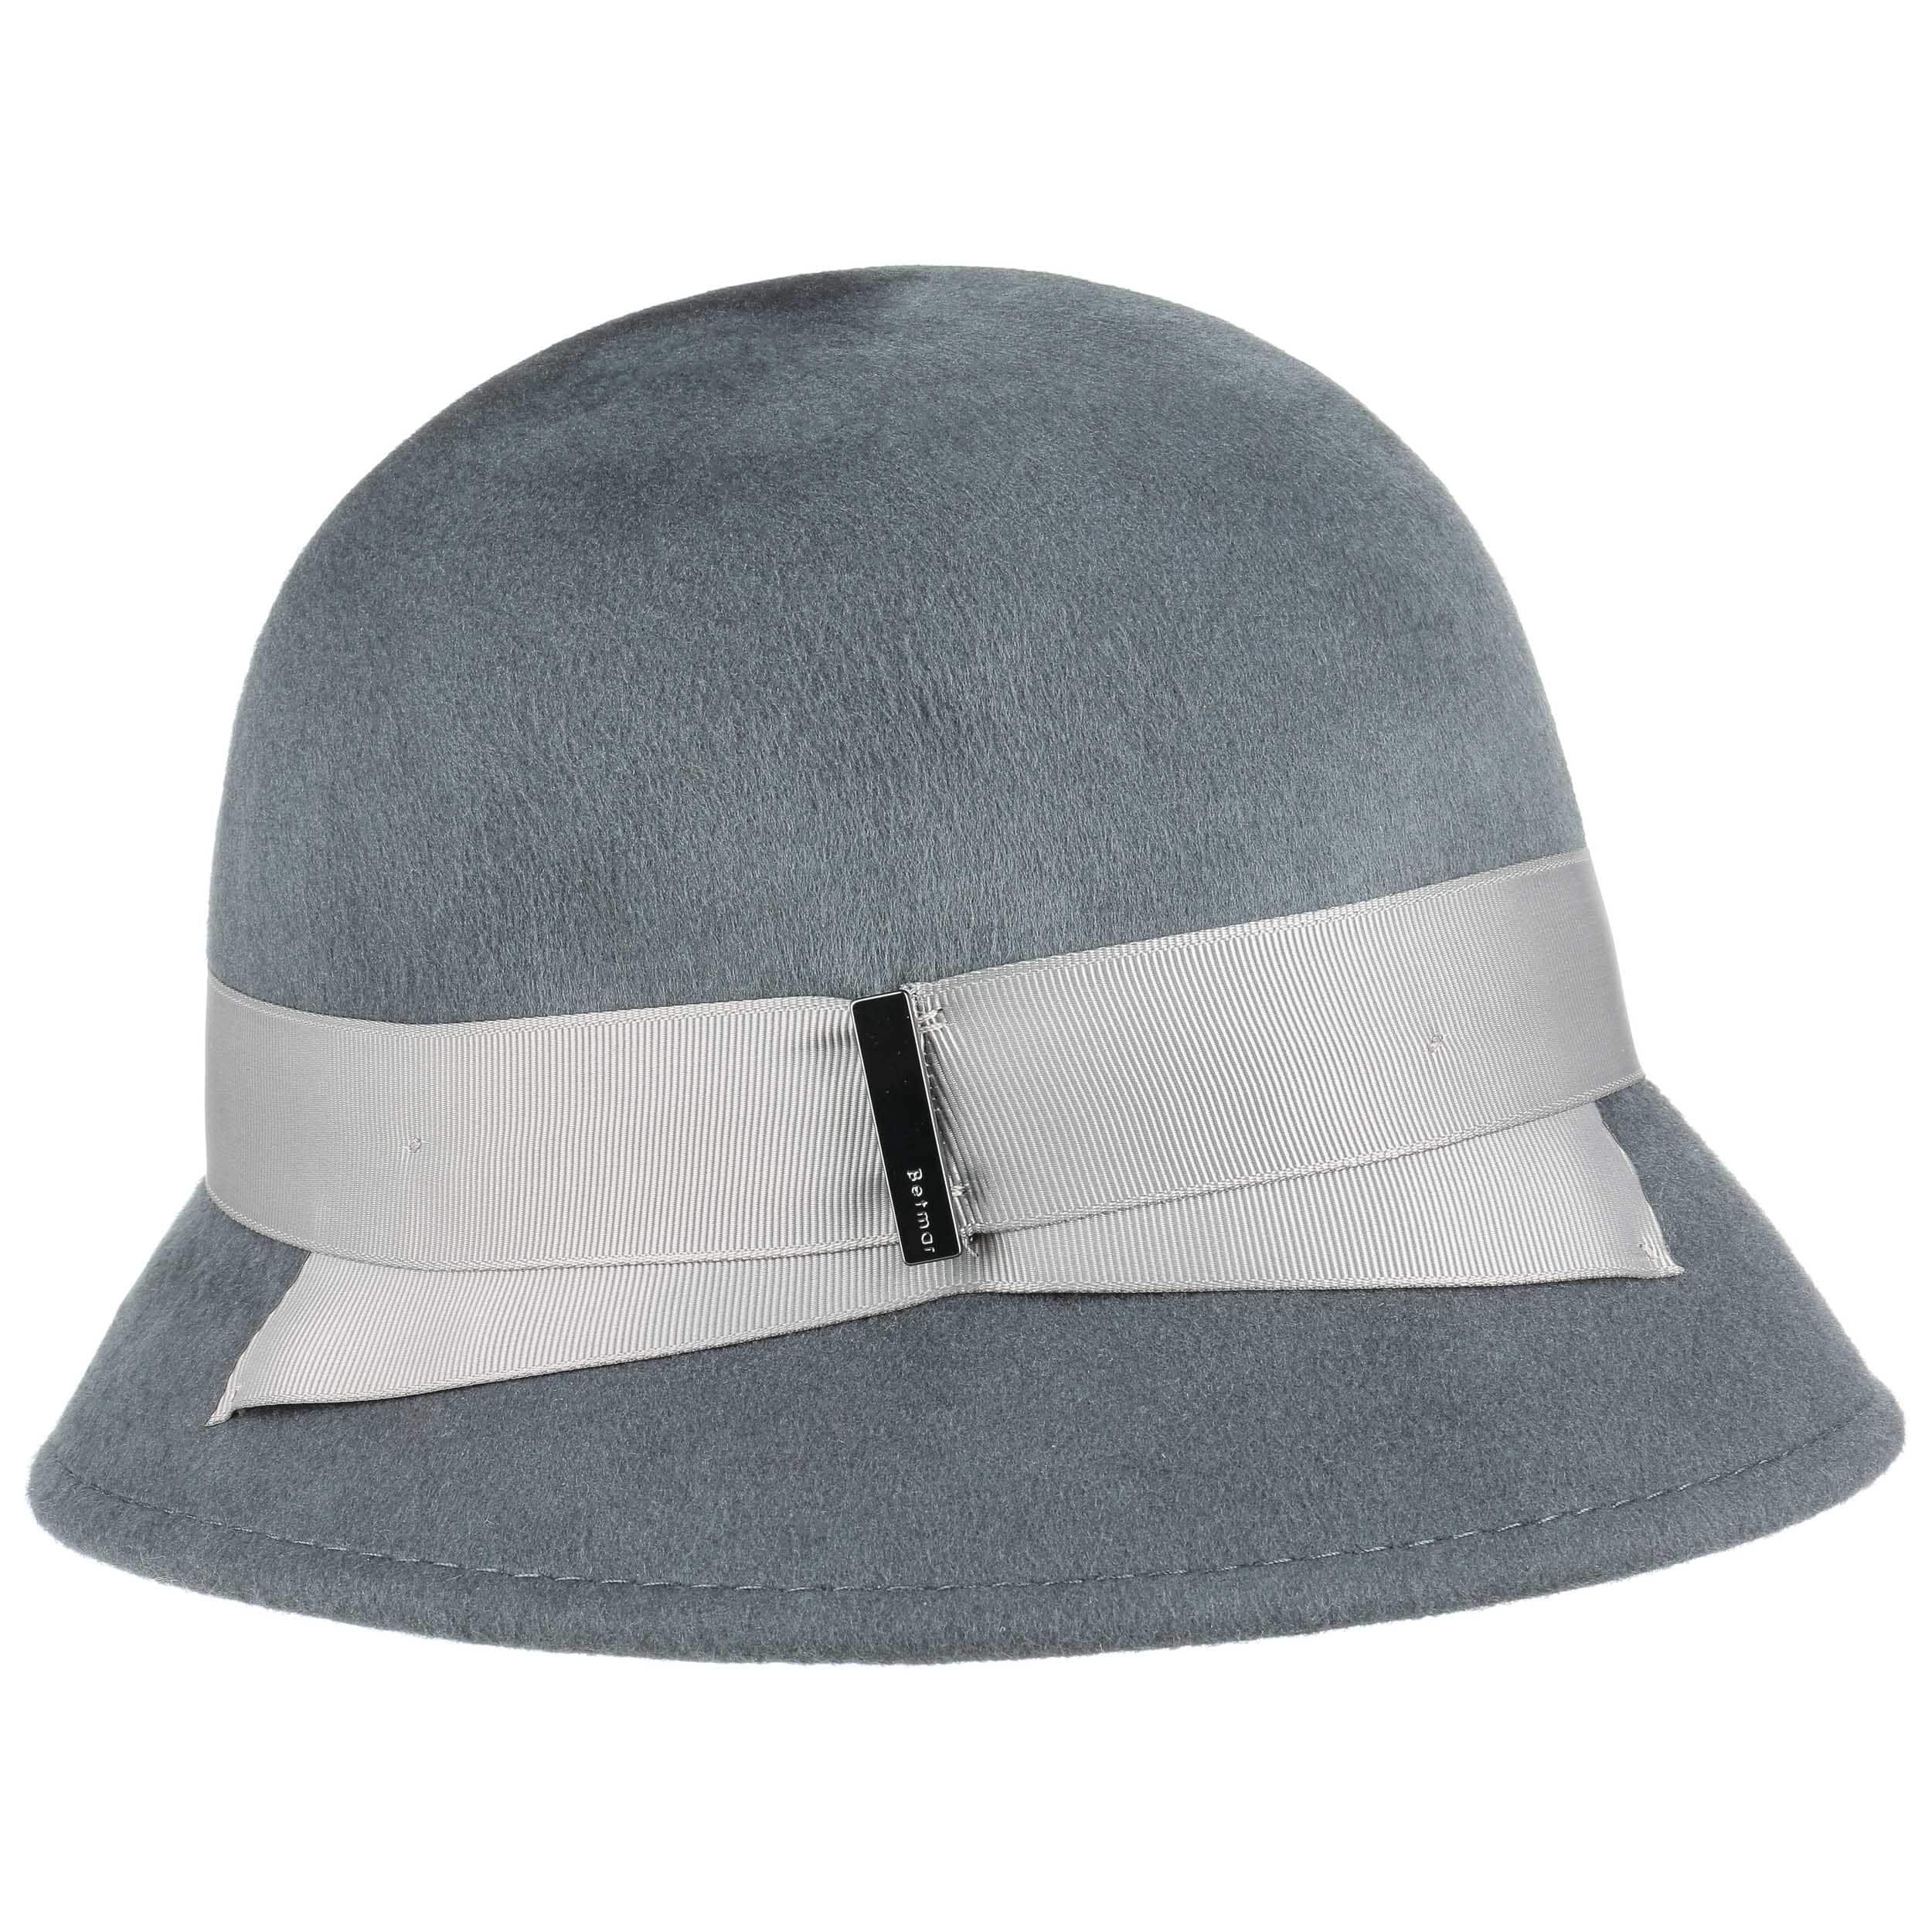 07ab2f39a73c0 Sombrero Cloché Charleston by Betmar - Sombreros - sombreroshop.es